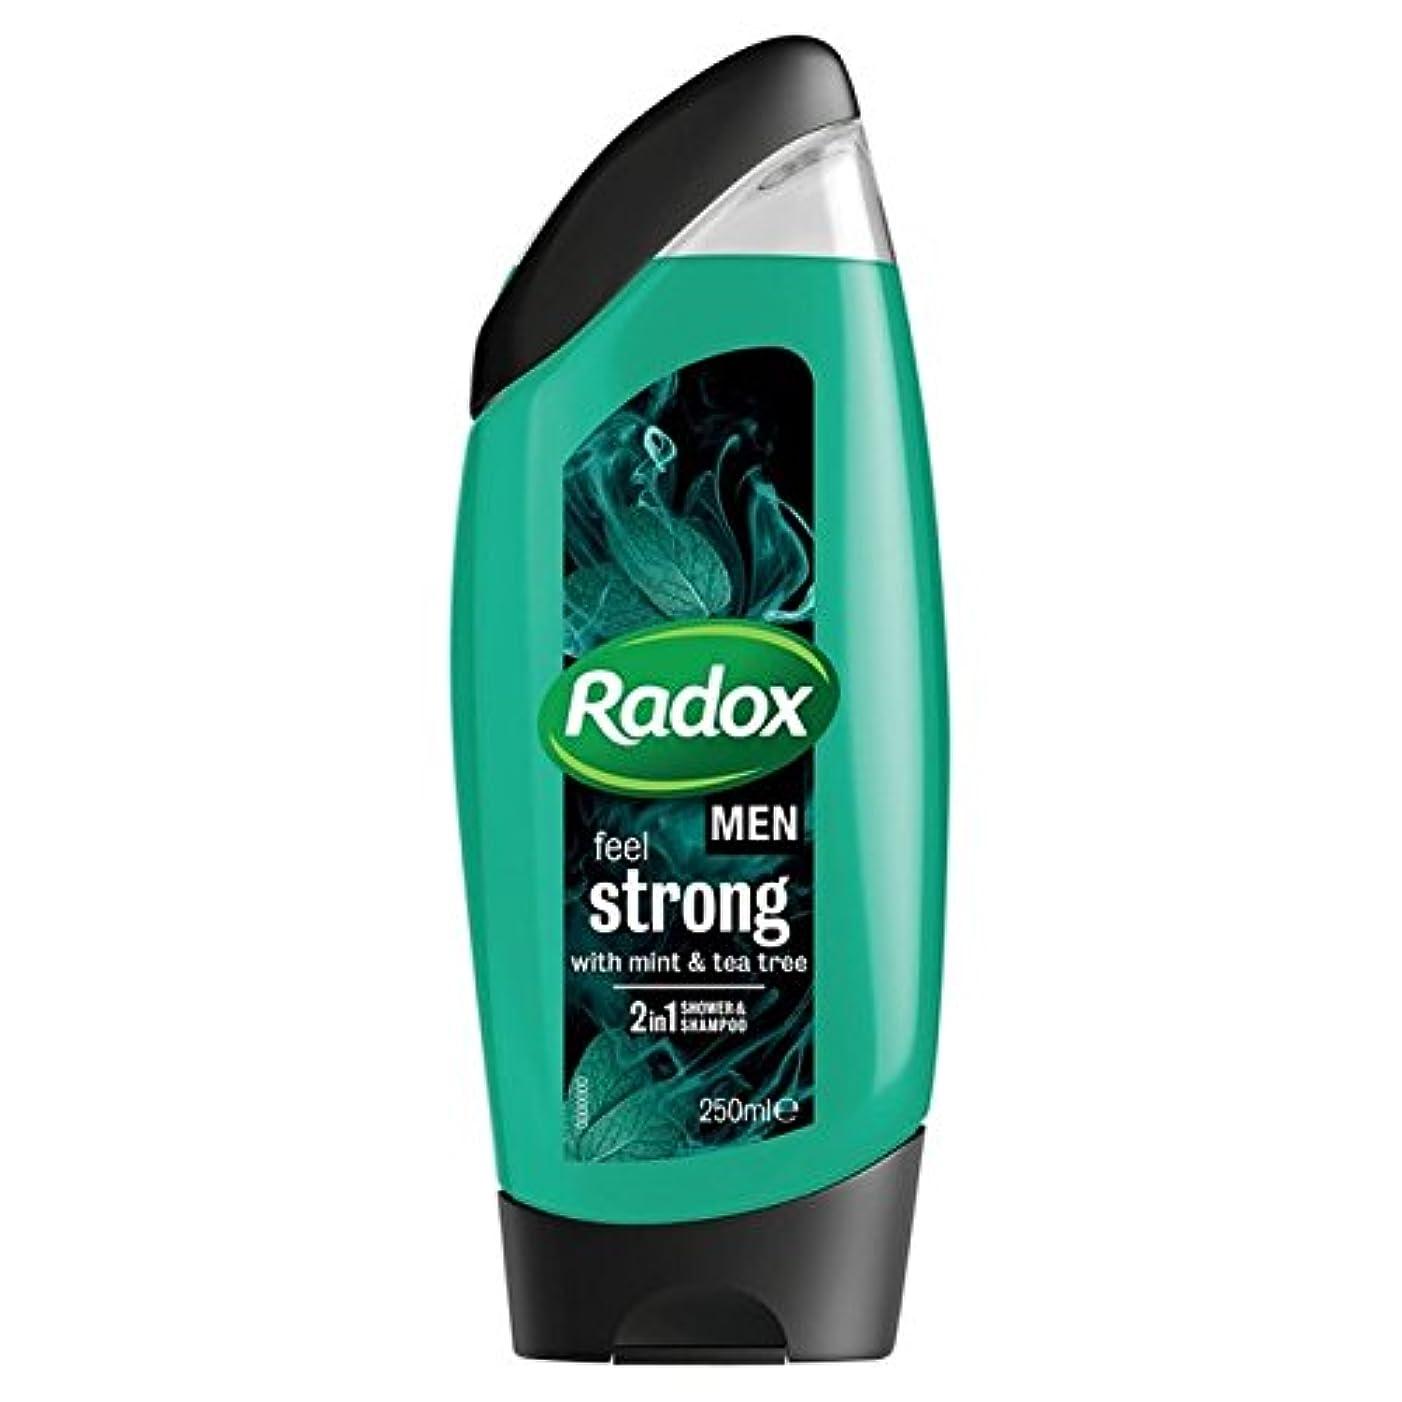 悔い改める若者波紋男性は、強力なミント&ティーツリーの21のシャワージェル250ミリリットルを感じます x4 - Radox Men Feel Strong Mint & Tea Tree 2in1 Shower Gel 250ml (Pack...